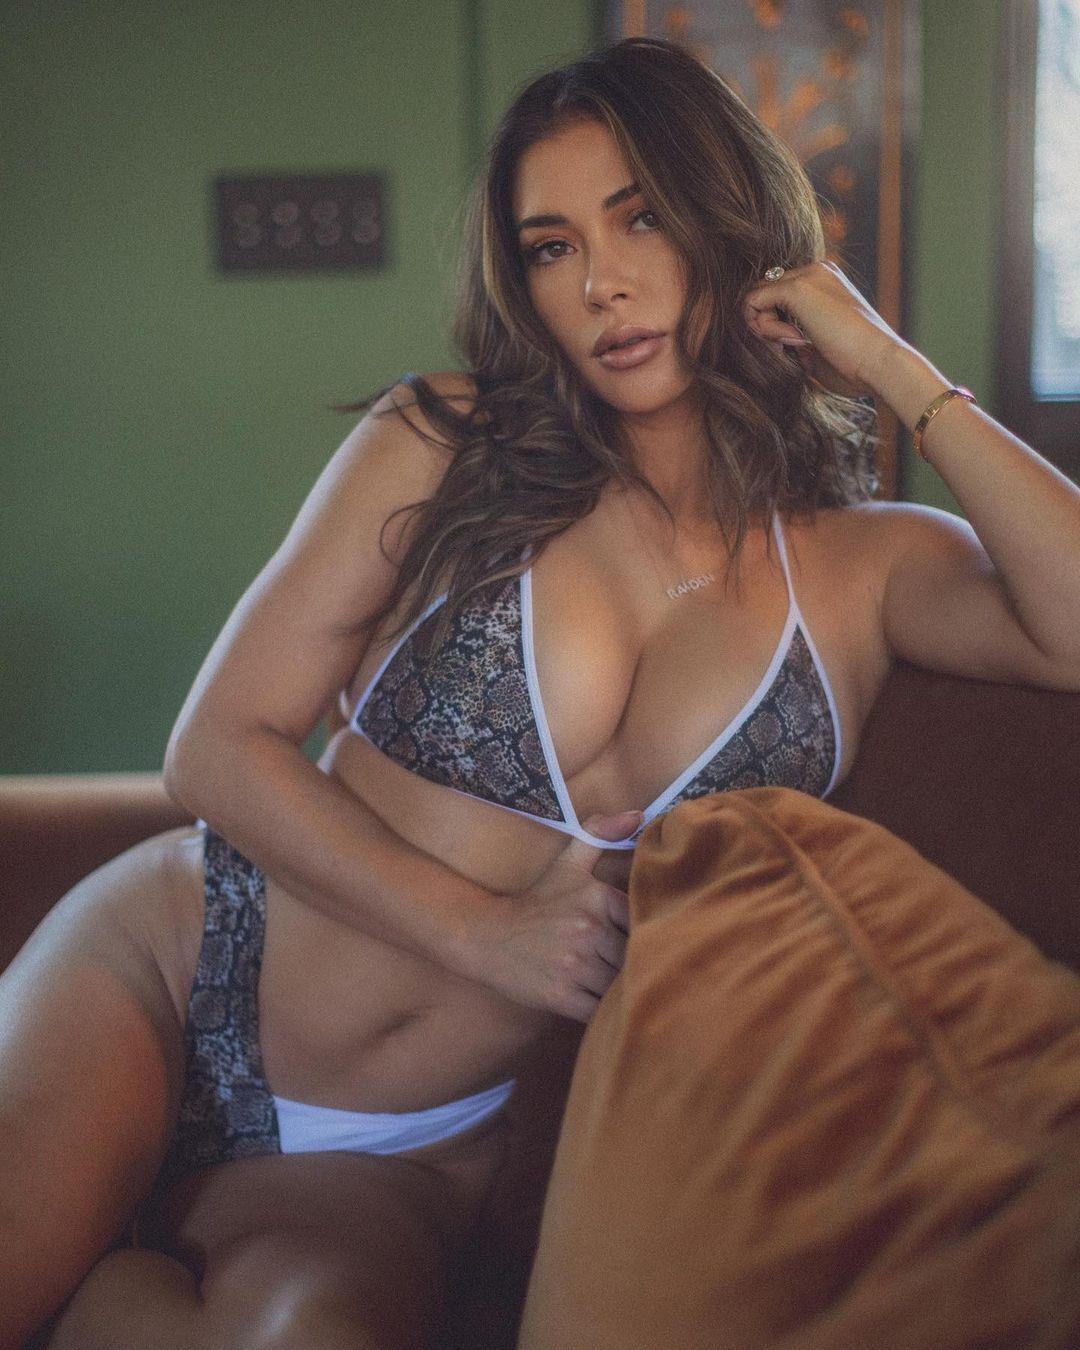 Арианни Селесте в сексуальном образе